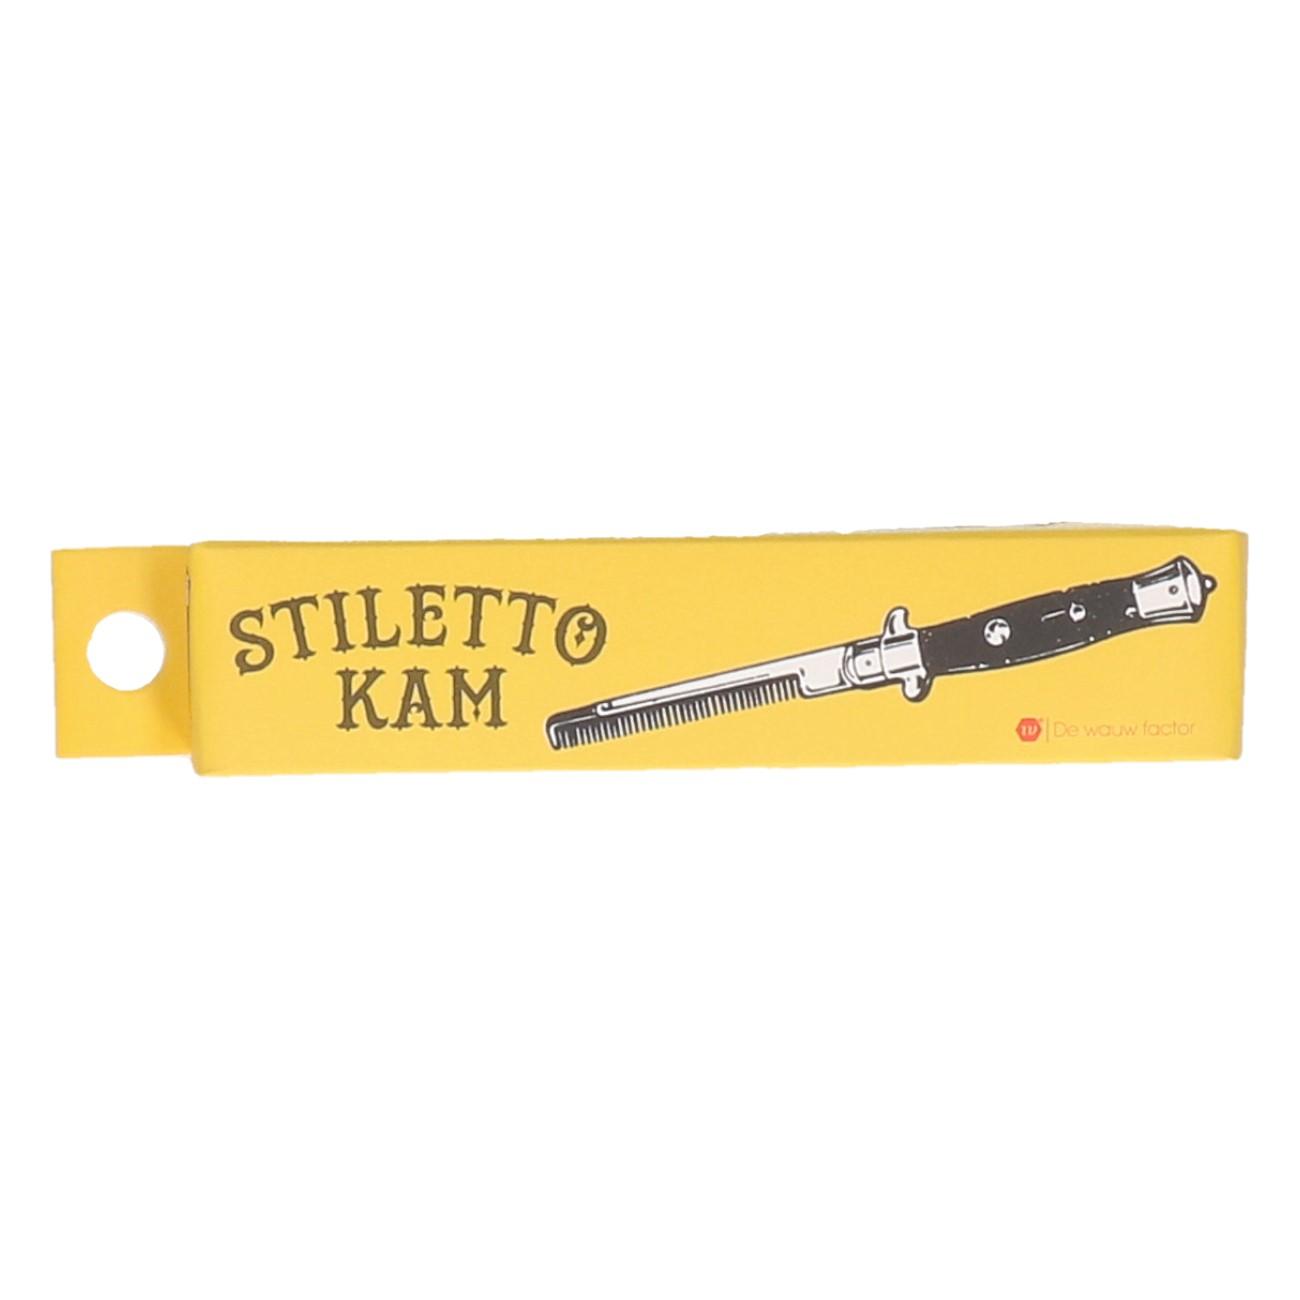 Stiletto kam